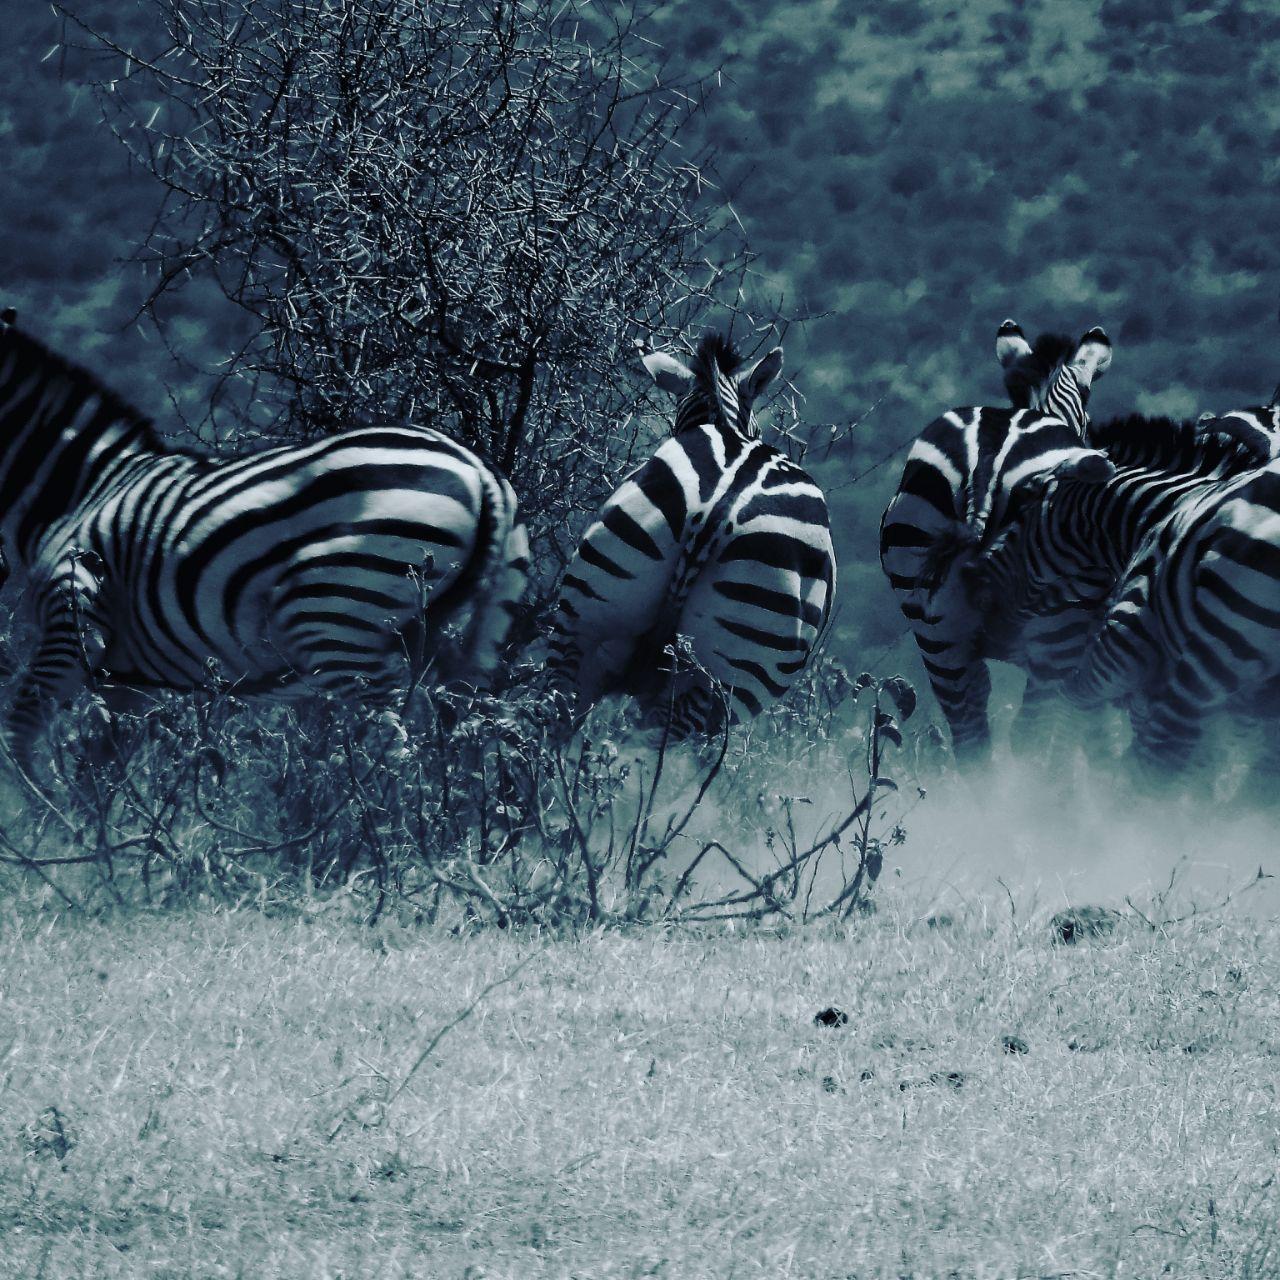 1500 kilos of Zebra Meat Seized in Nairobi Meat Market